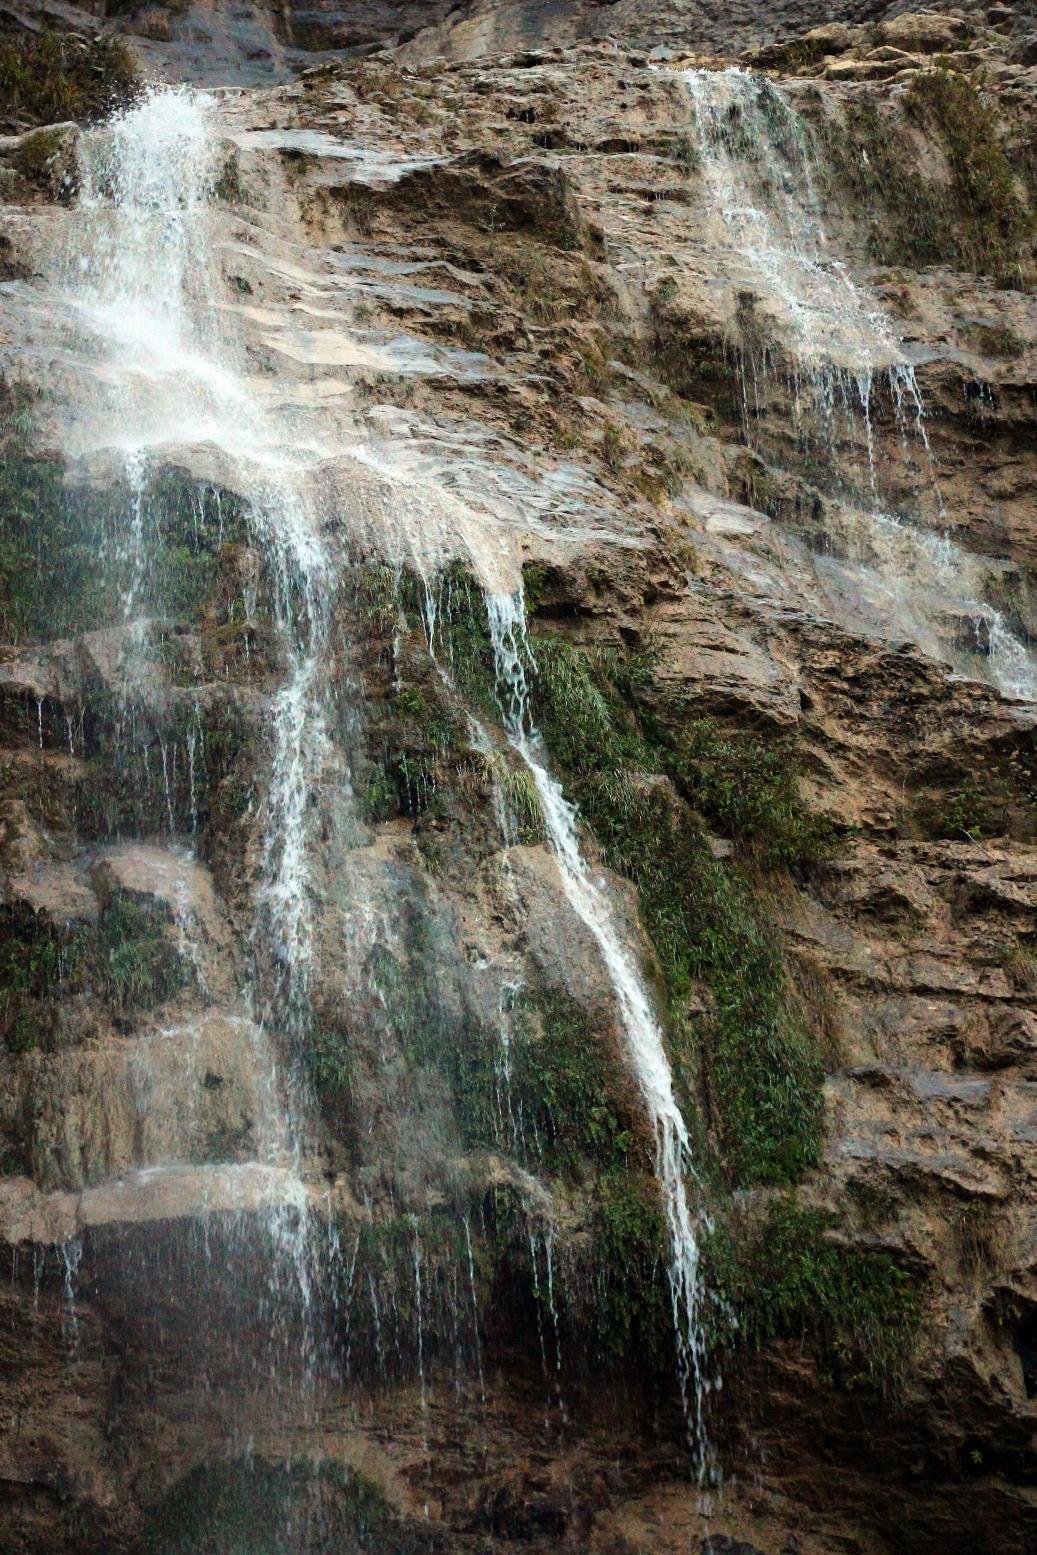 В ущелье стекает множество ручьев, образующих водопады